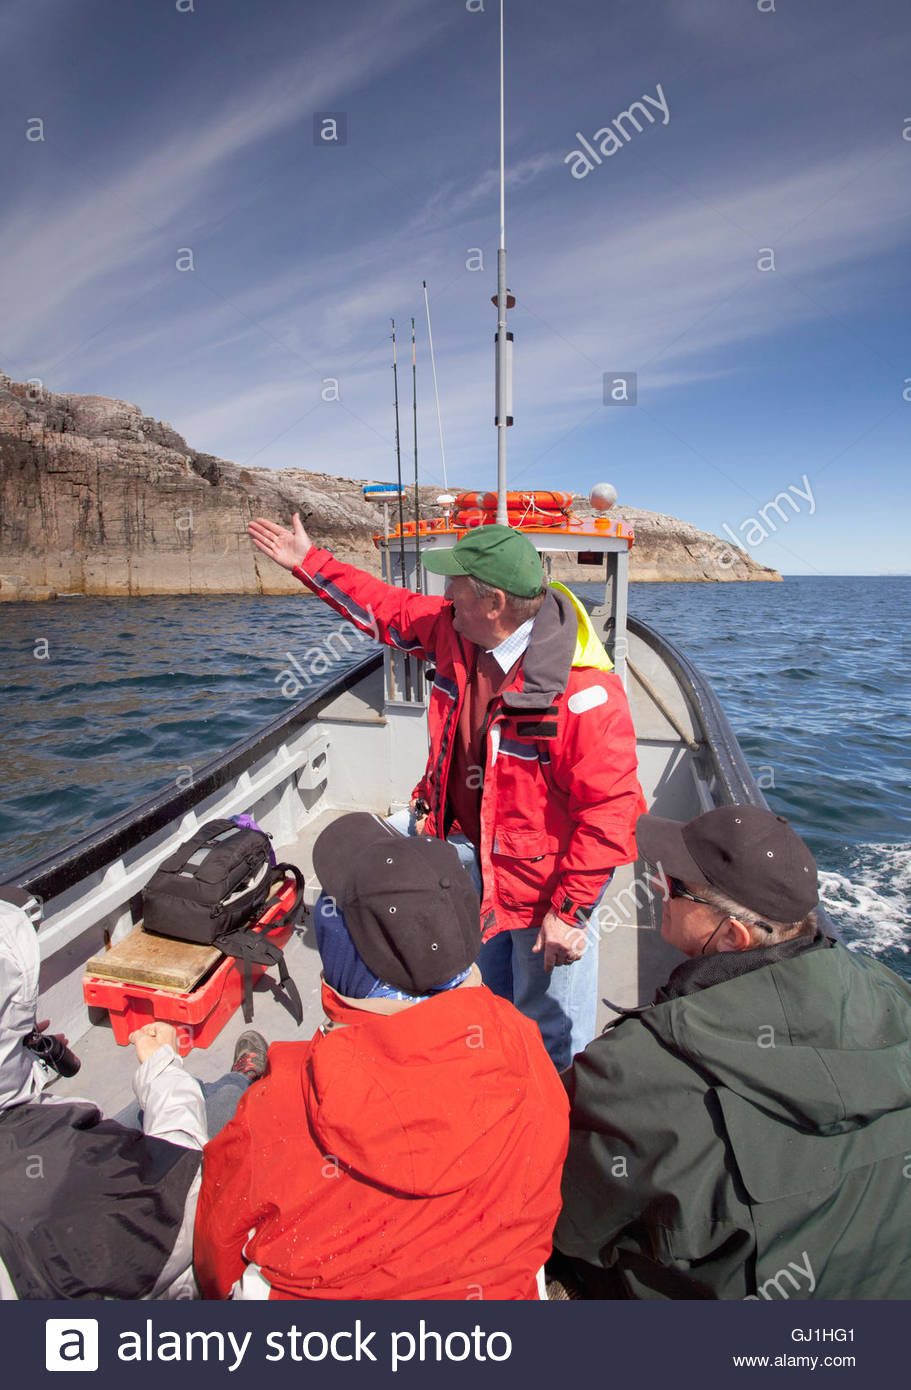 La observación de la vida silvestre y un viaje en barco de pesca frente a la costa de la isla de Harris, Hébridas Foto de stock